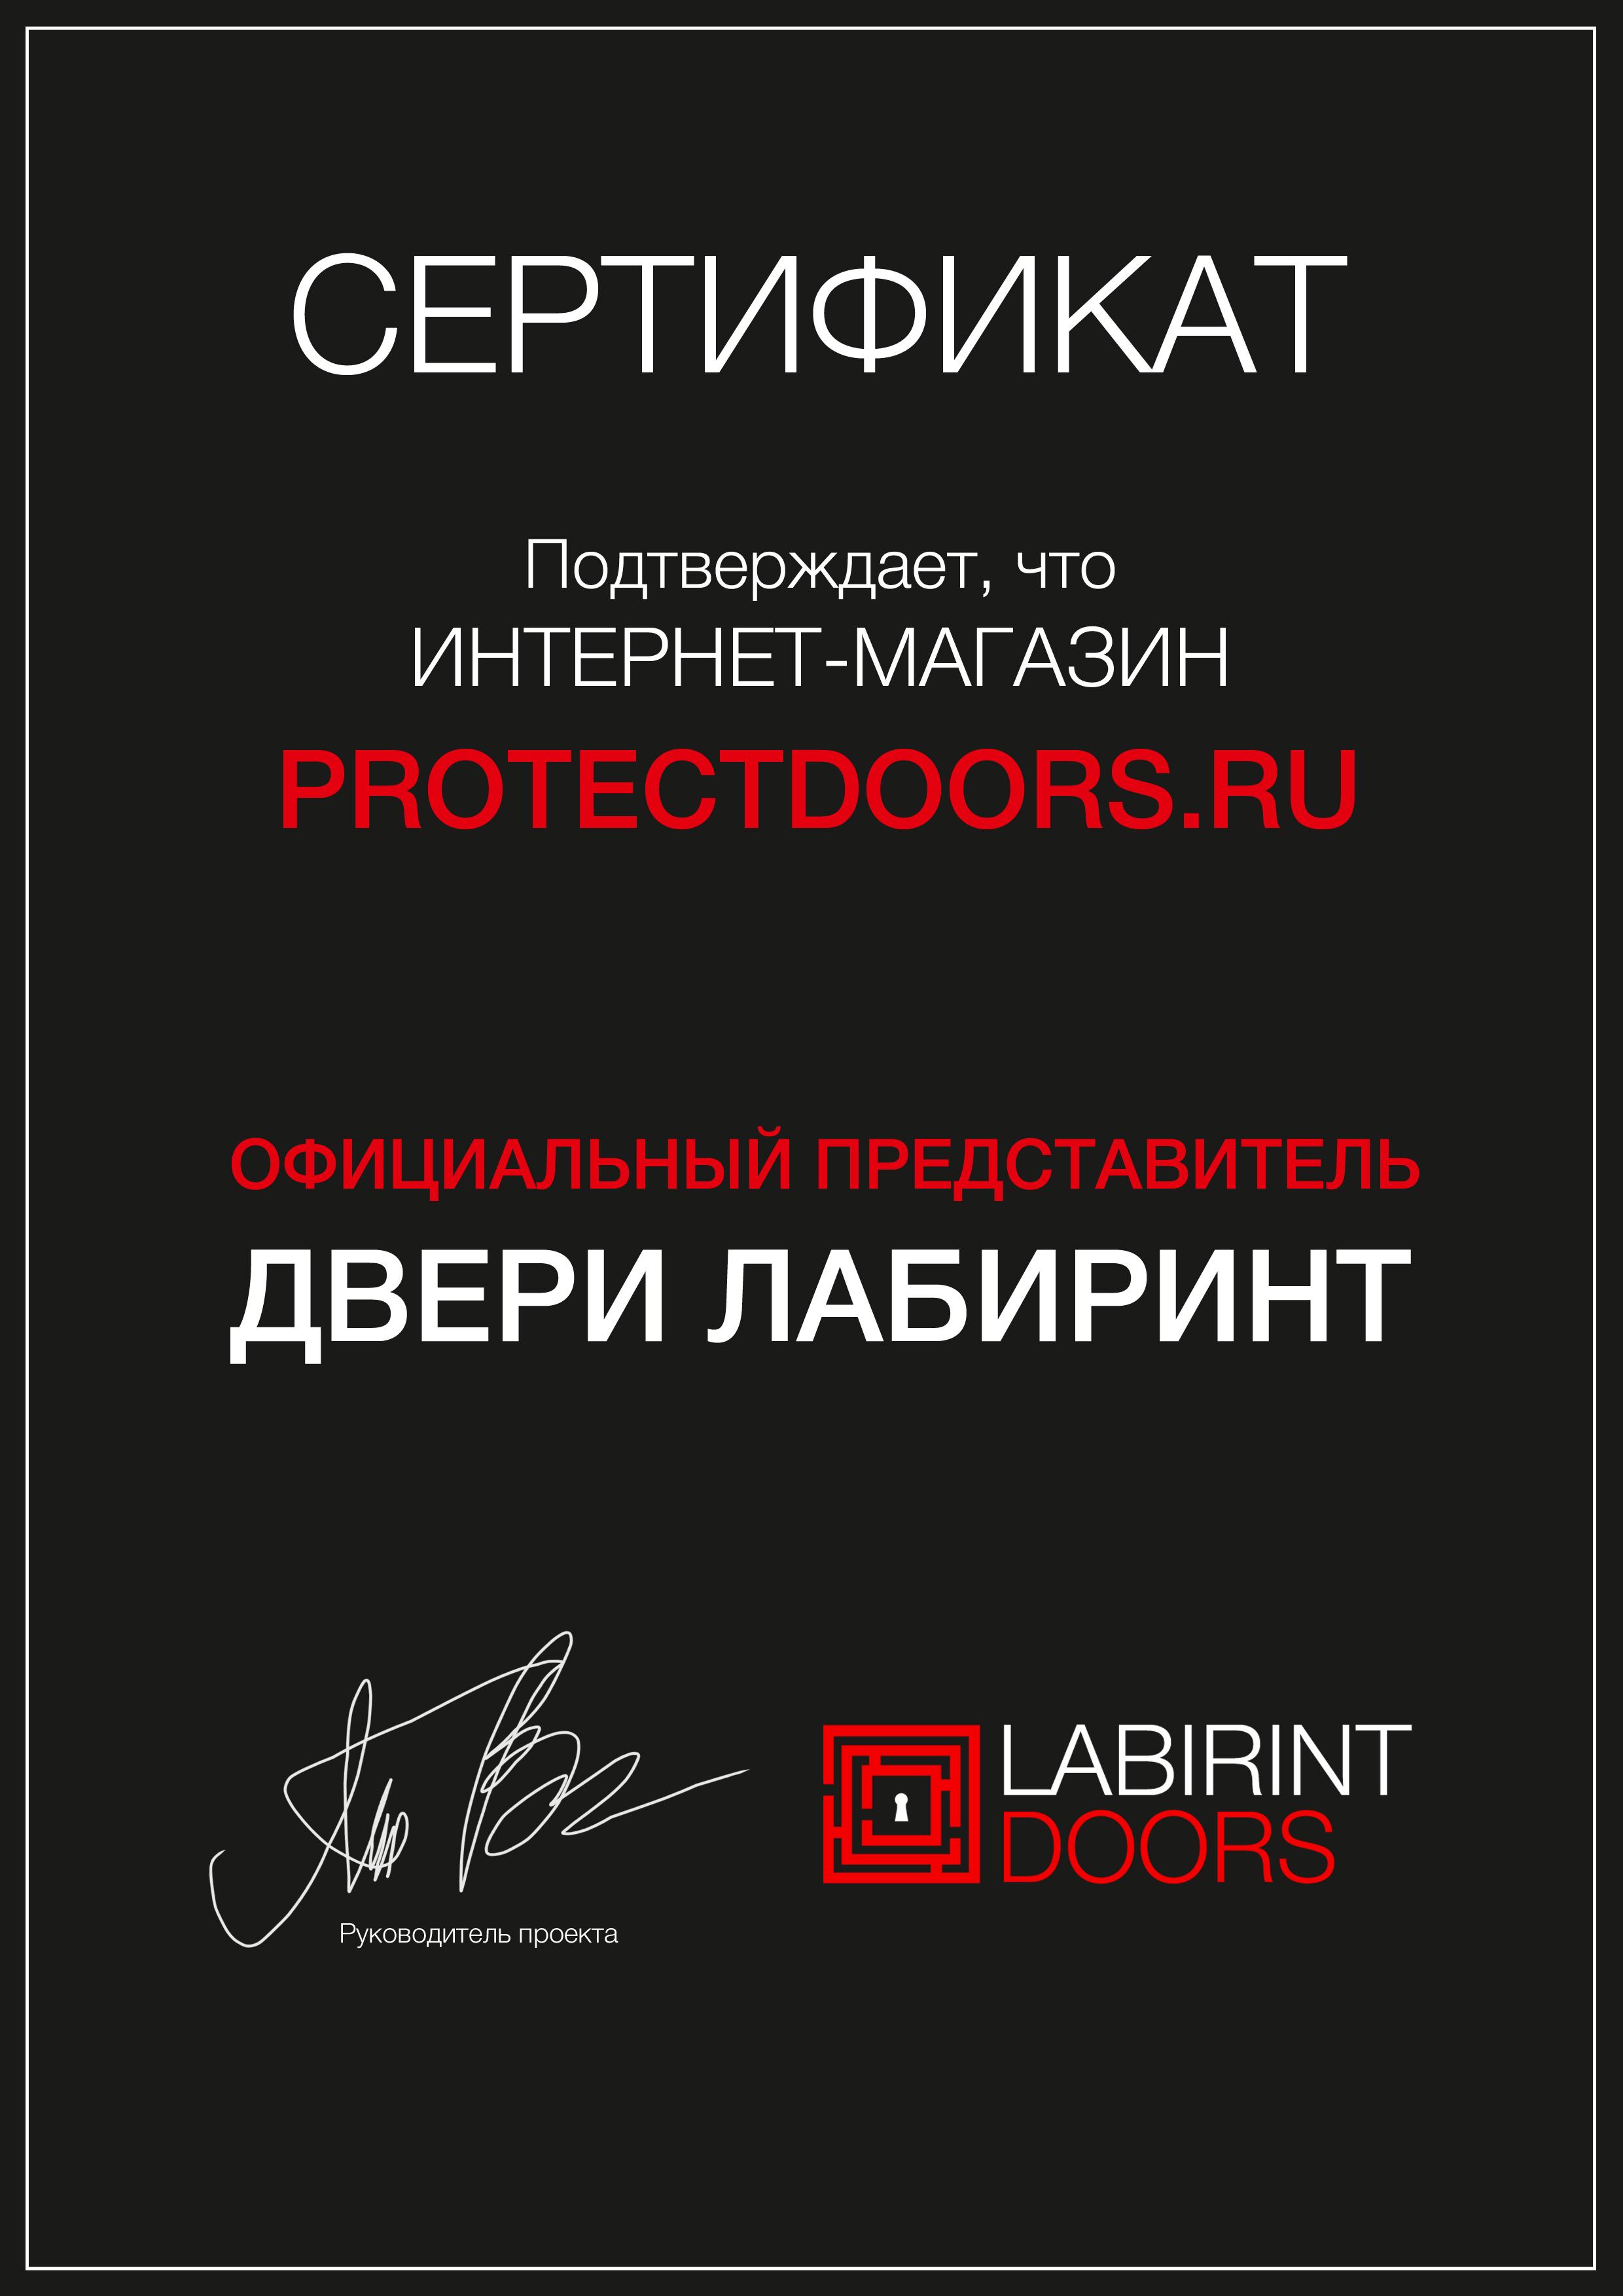 Сертификат Двери Лабиринт